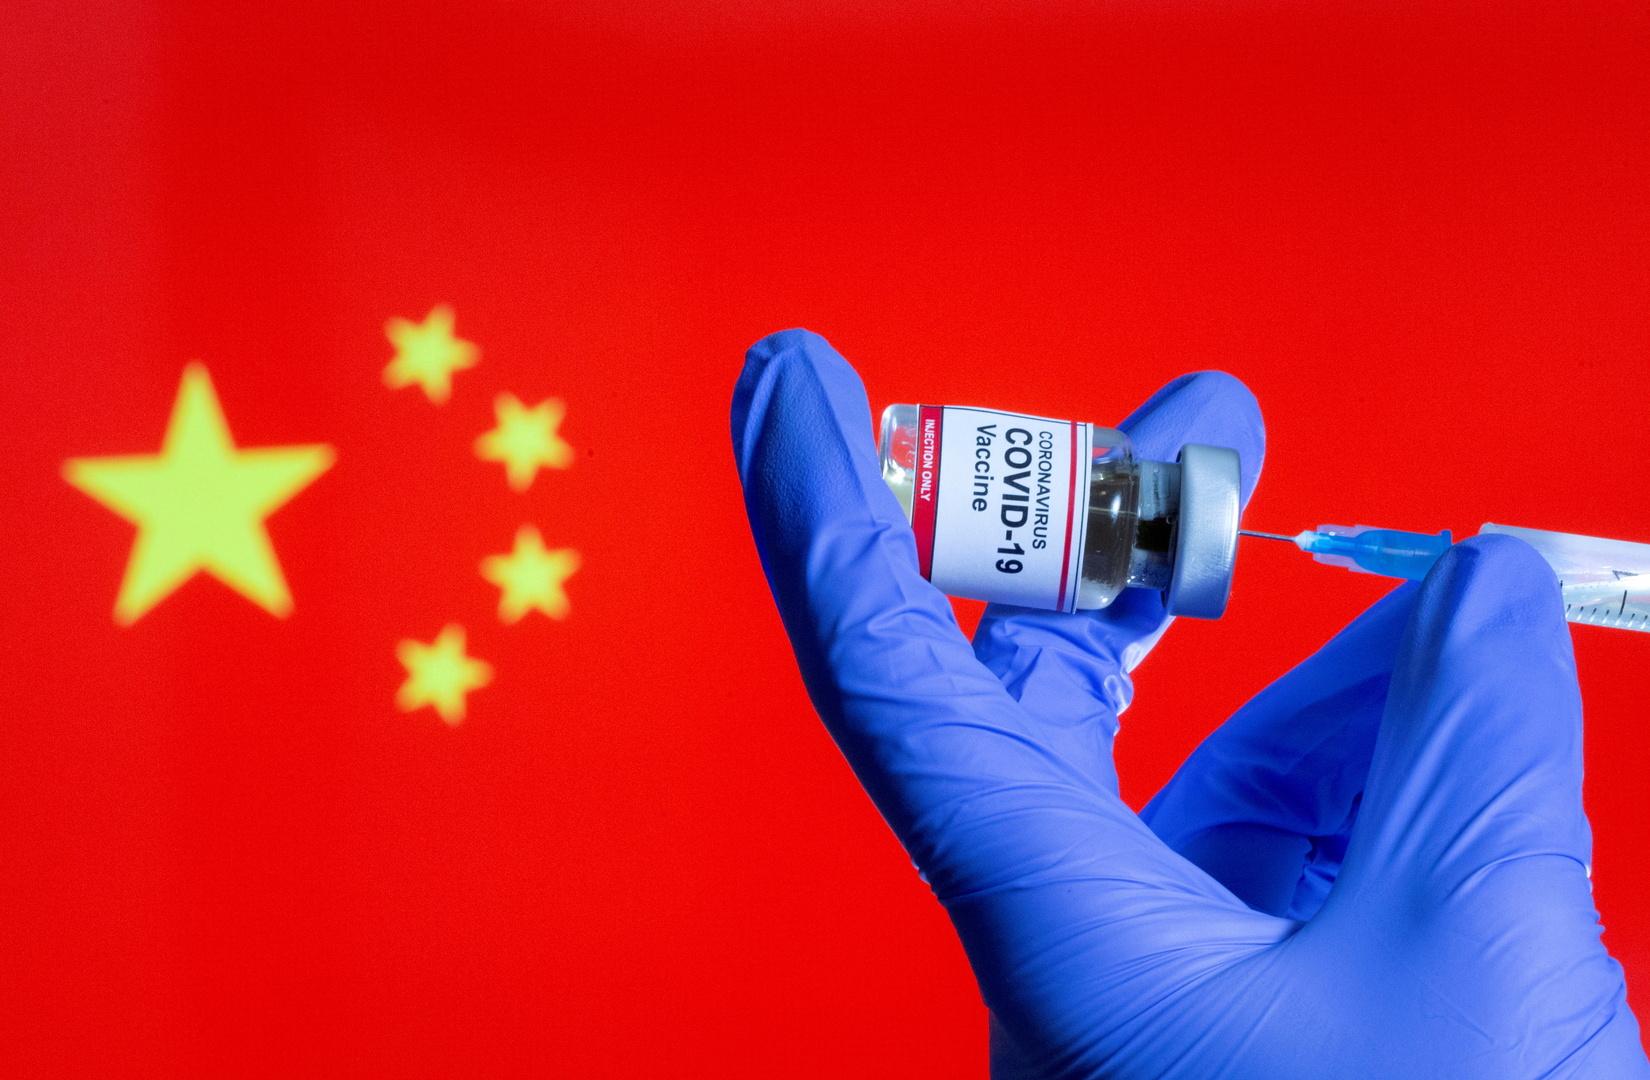 سعيا للوصول إلى مناعة القطيع.. الصين تجري 1.72 مليار عملية تطعيم ضد كورونا